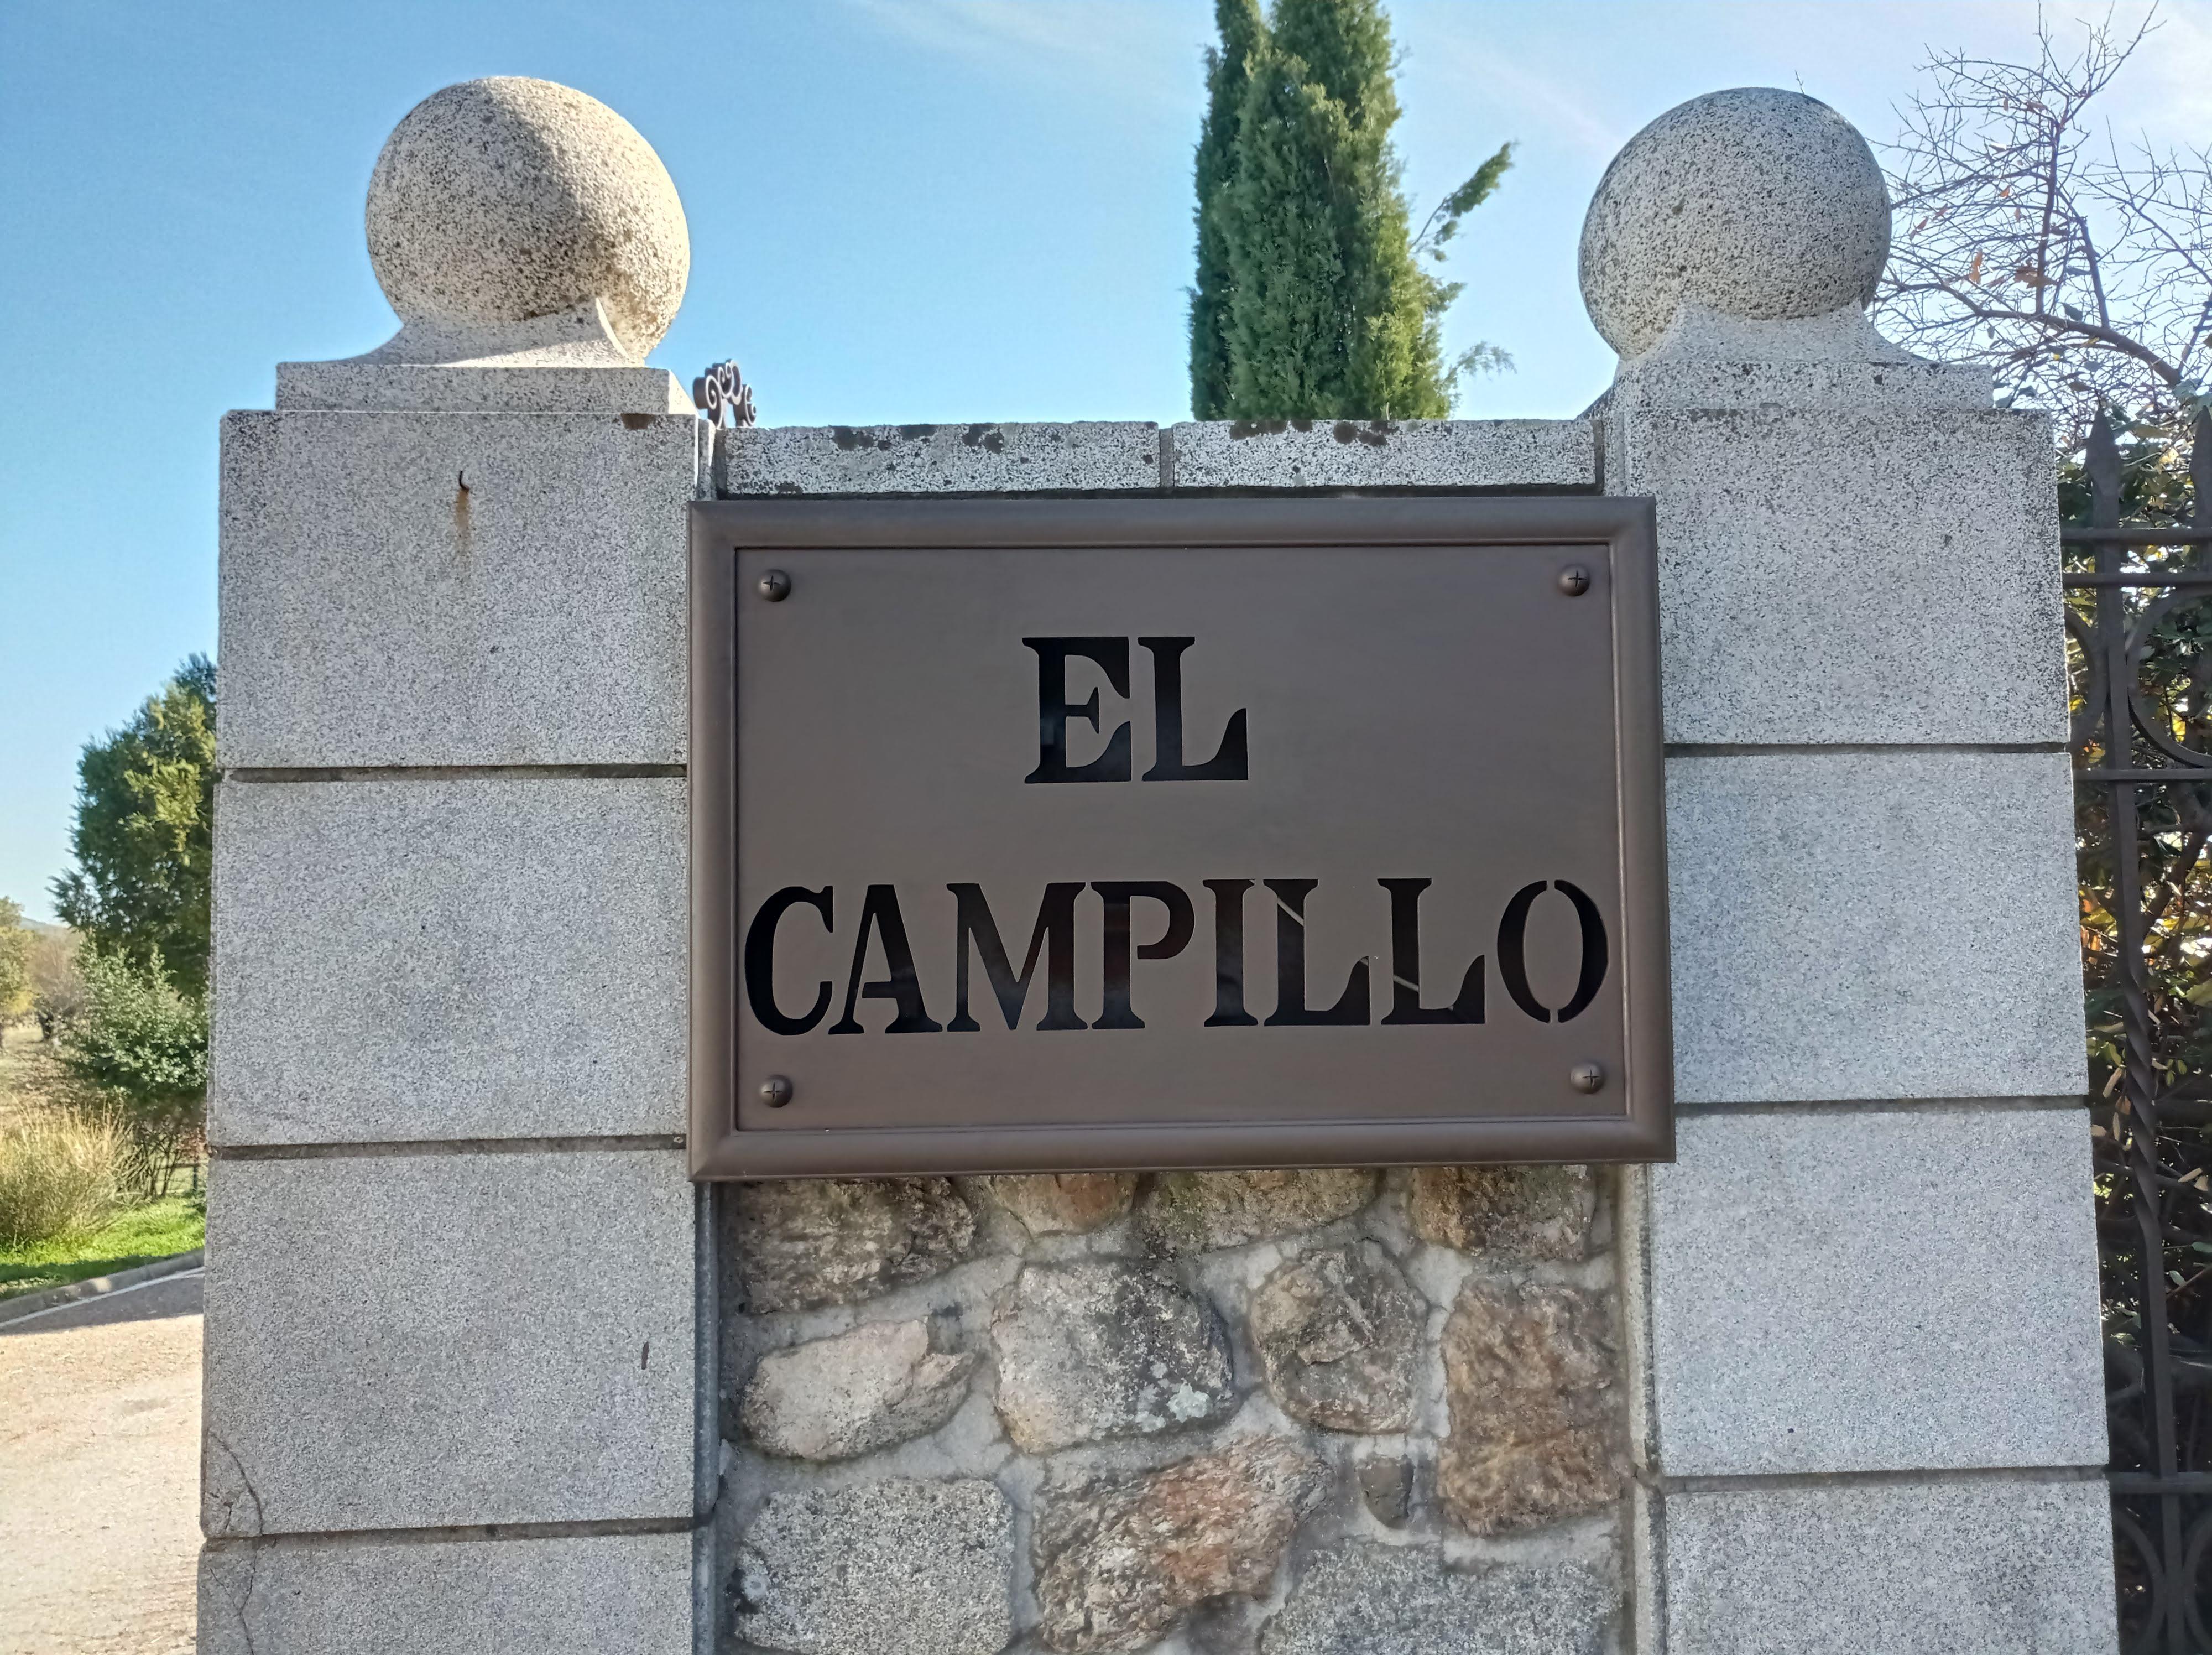 Entrada espectacular El Campillo